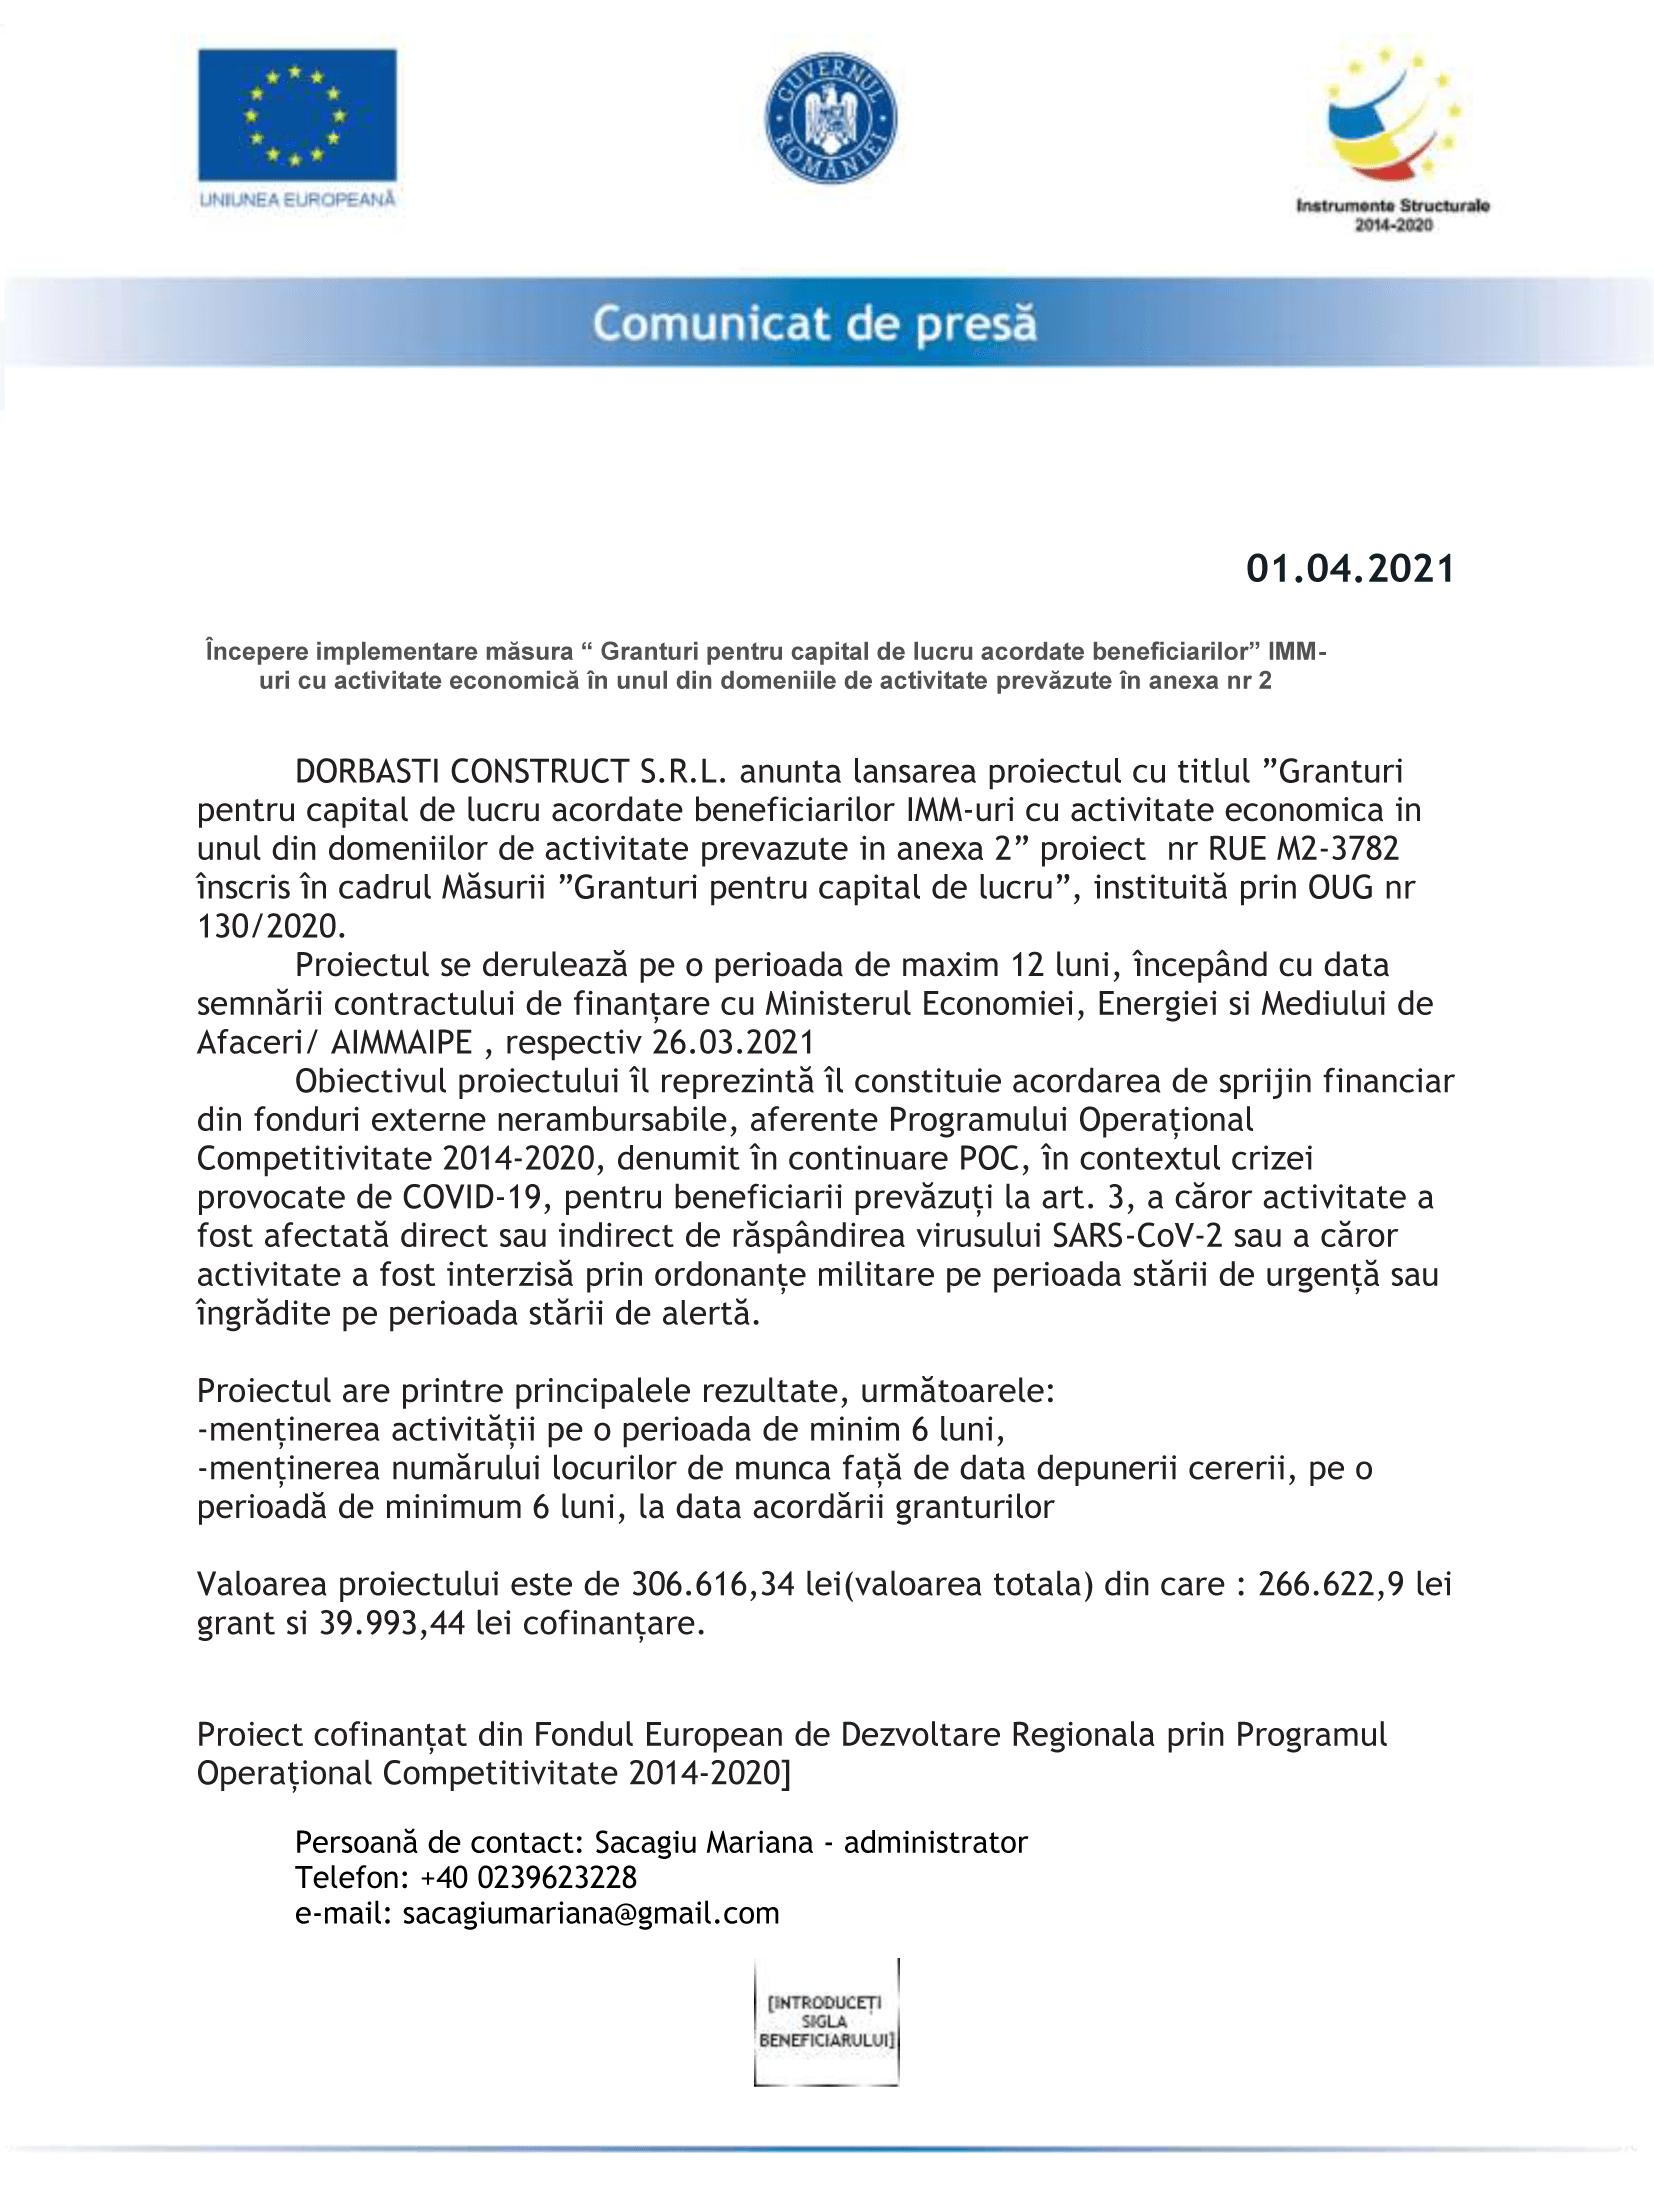 Comunicat_de_Presa_Dorbasti-Construct